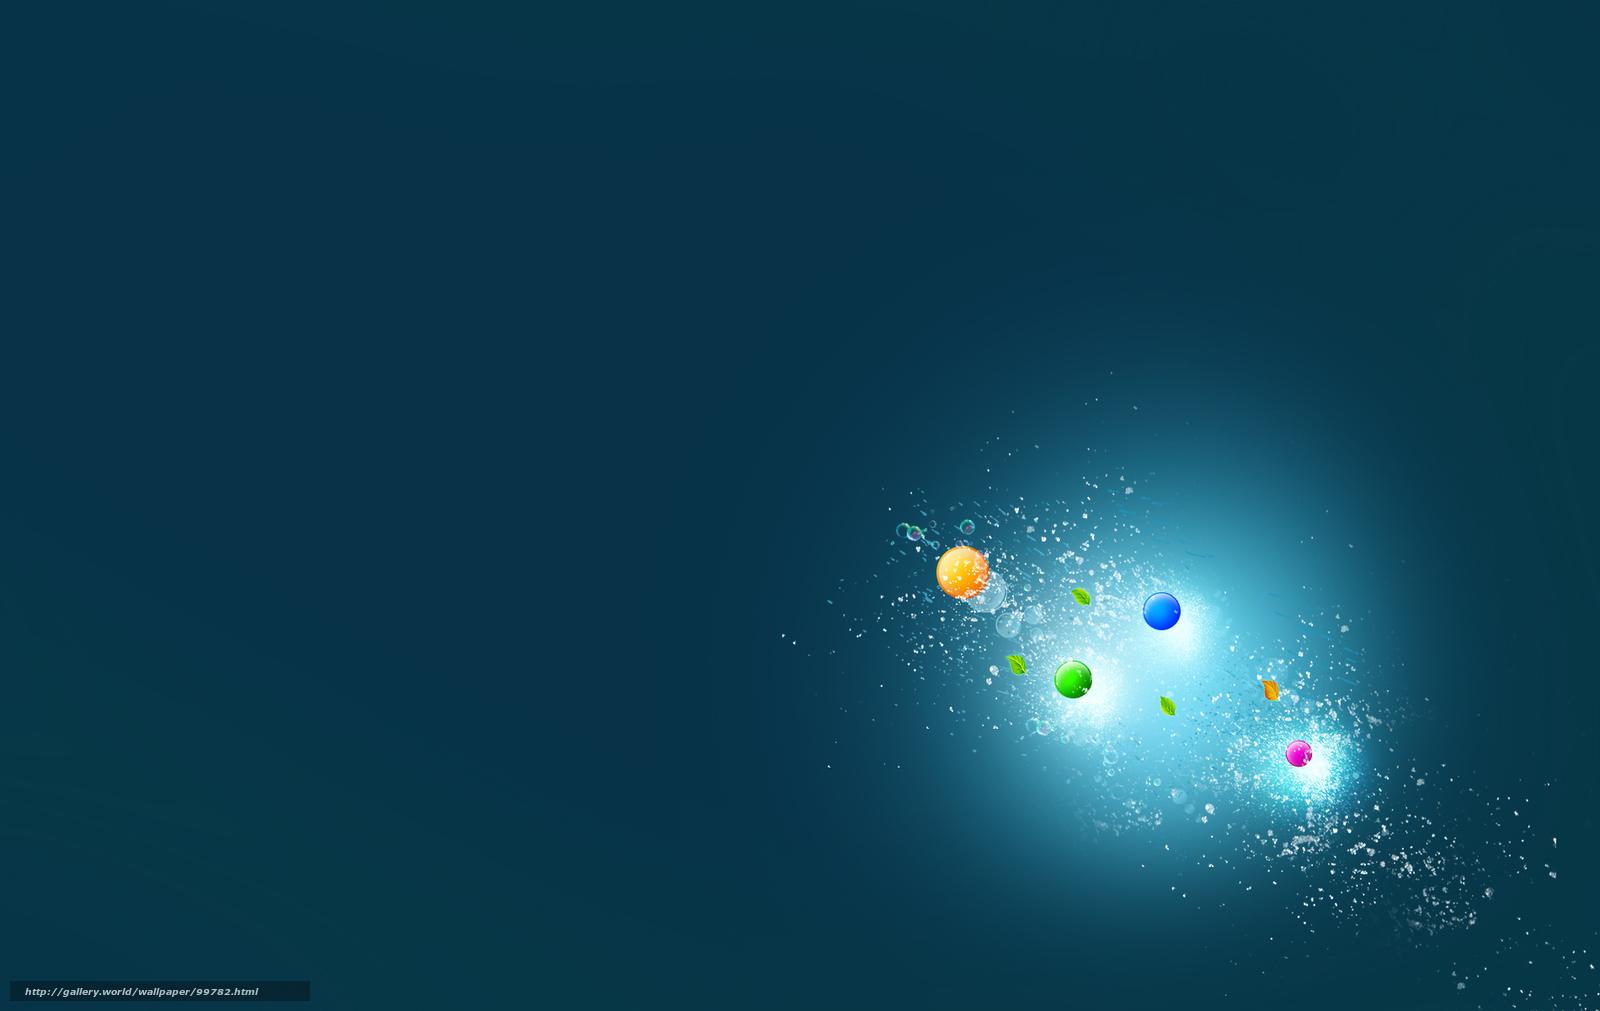 ... рабочего стола в разрешении 1900x1200: ru.gdefon.com/download/minimalizm_art_oboi_fon_kartinki/99782...